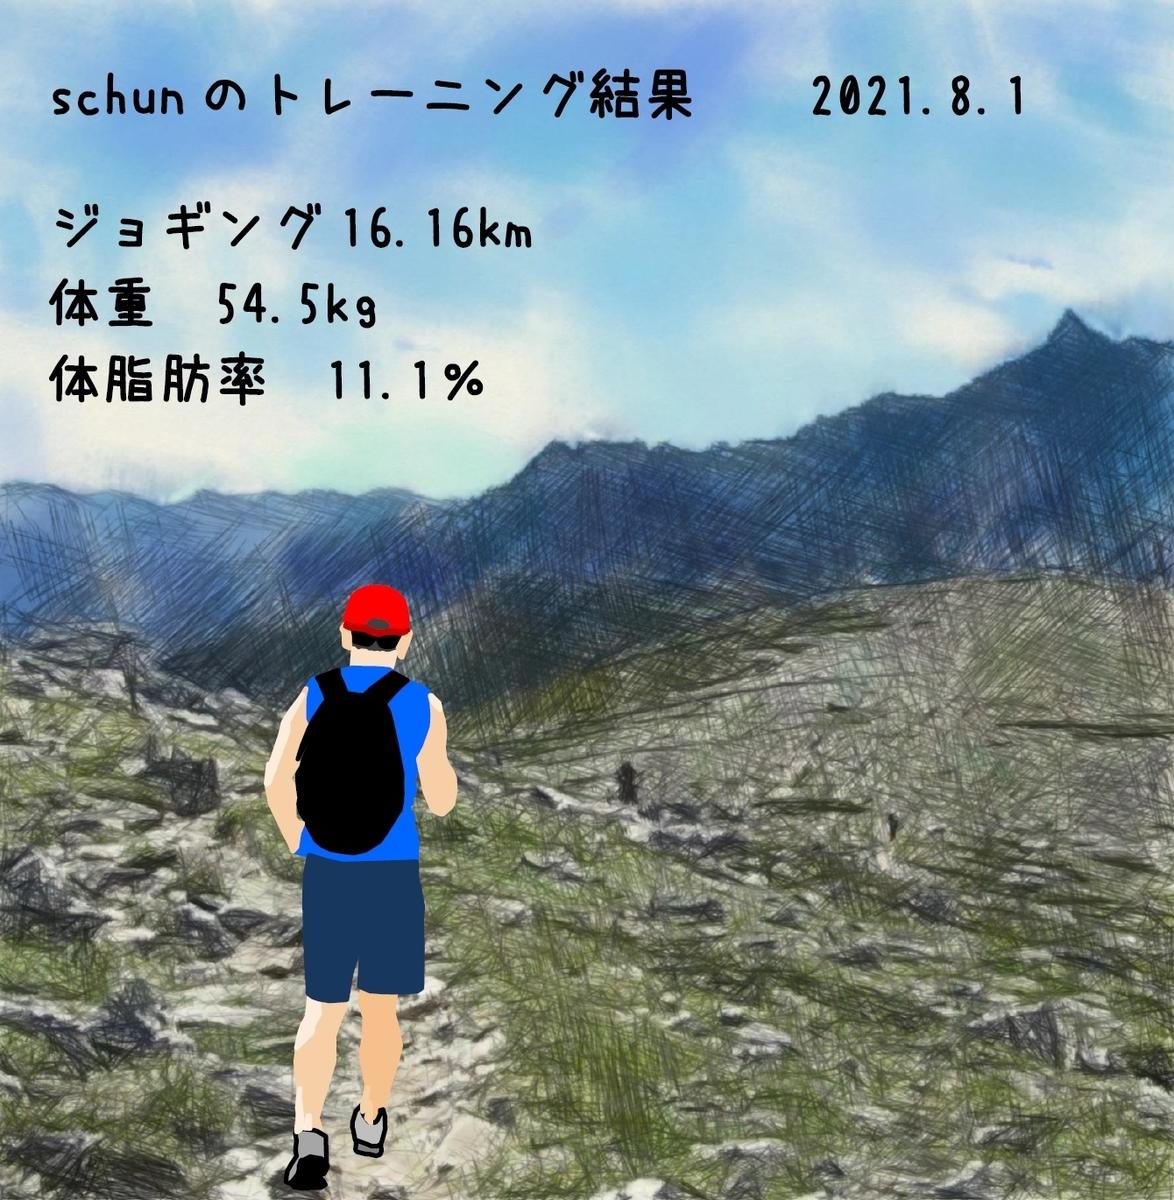 f:id:schunchi2007:20210801181756j:plain